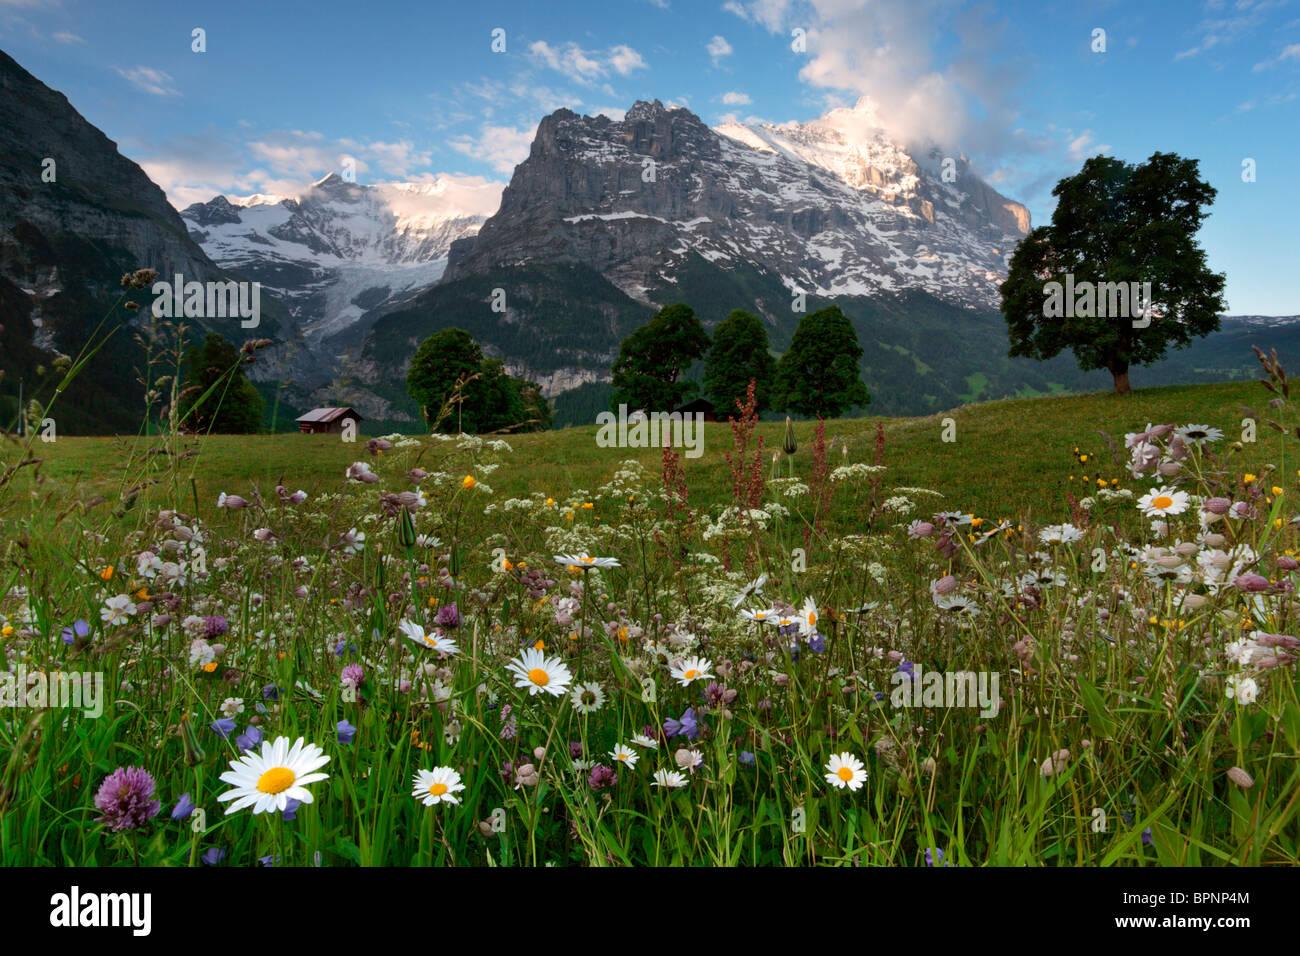 La luce del mattino bacia la parte superiore dell'Eiger in Grindelwald Valle della Svizzera Immagini Stock